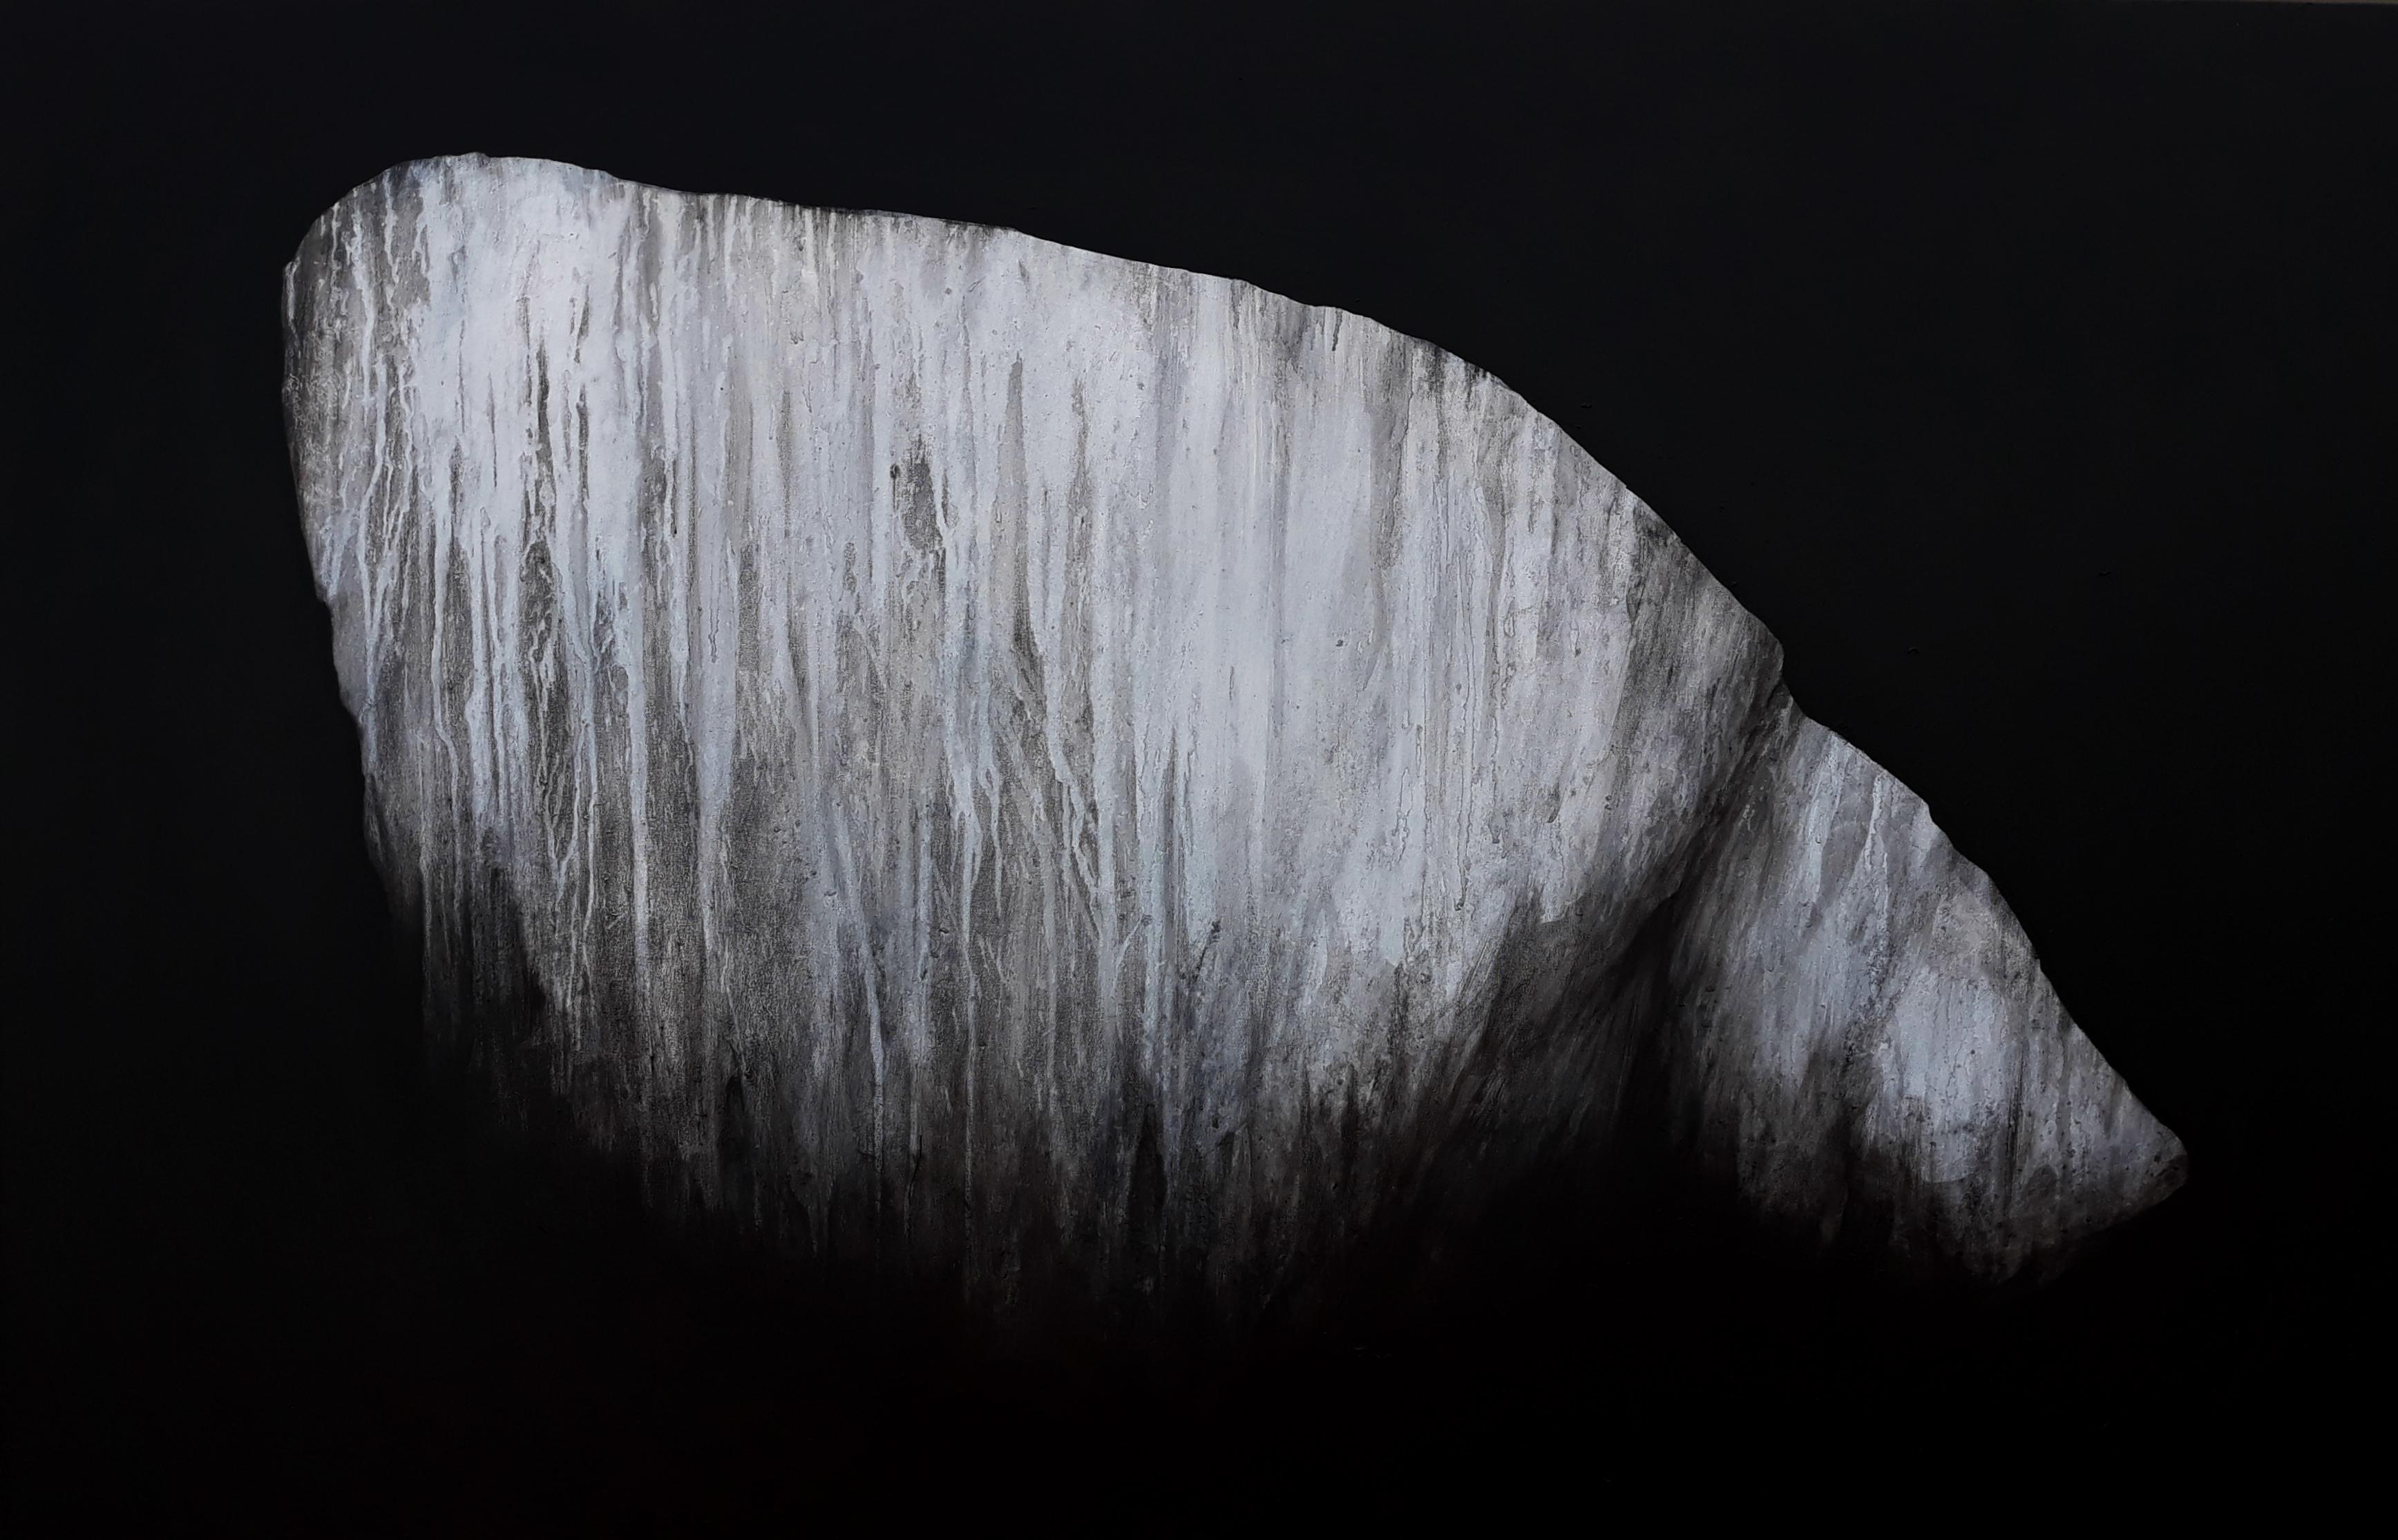 Panspermia 7, 2019